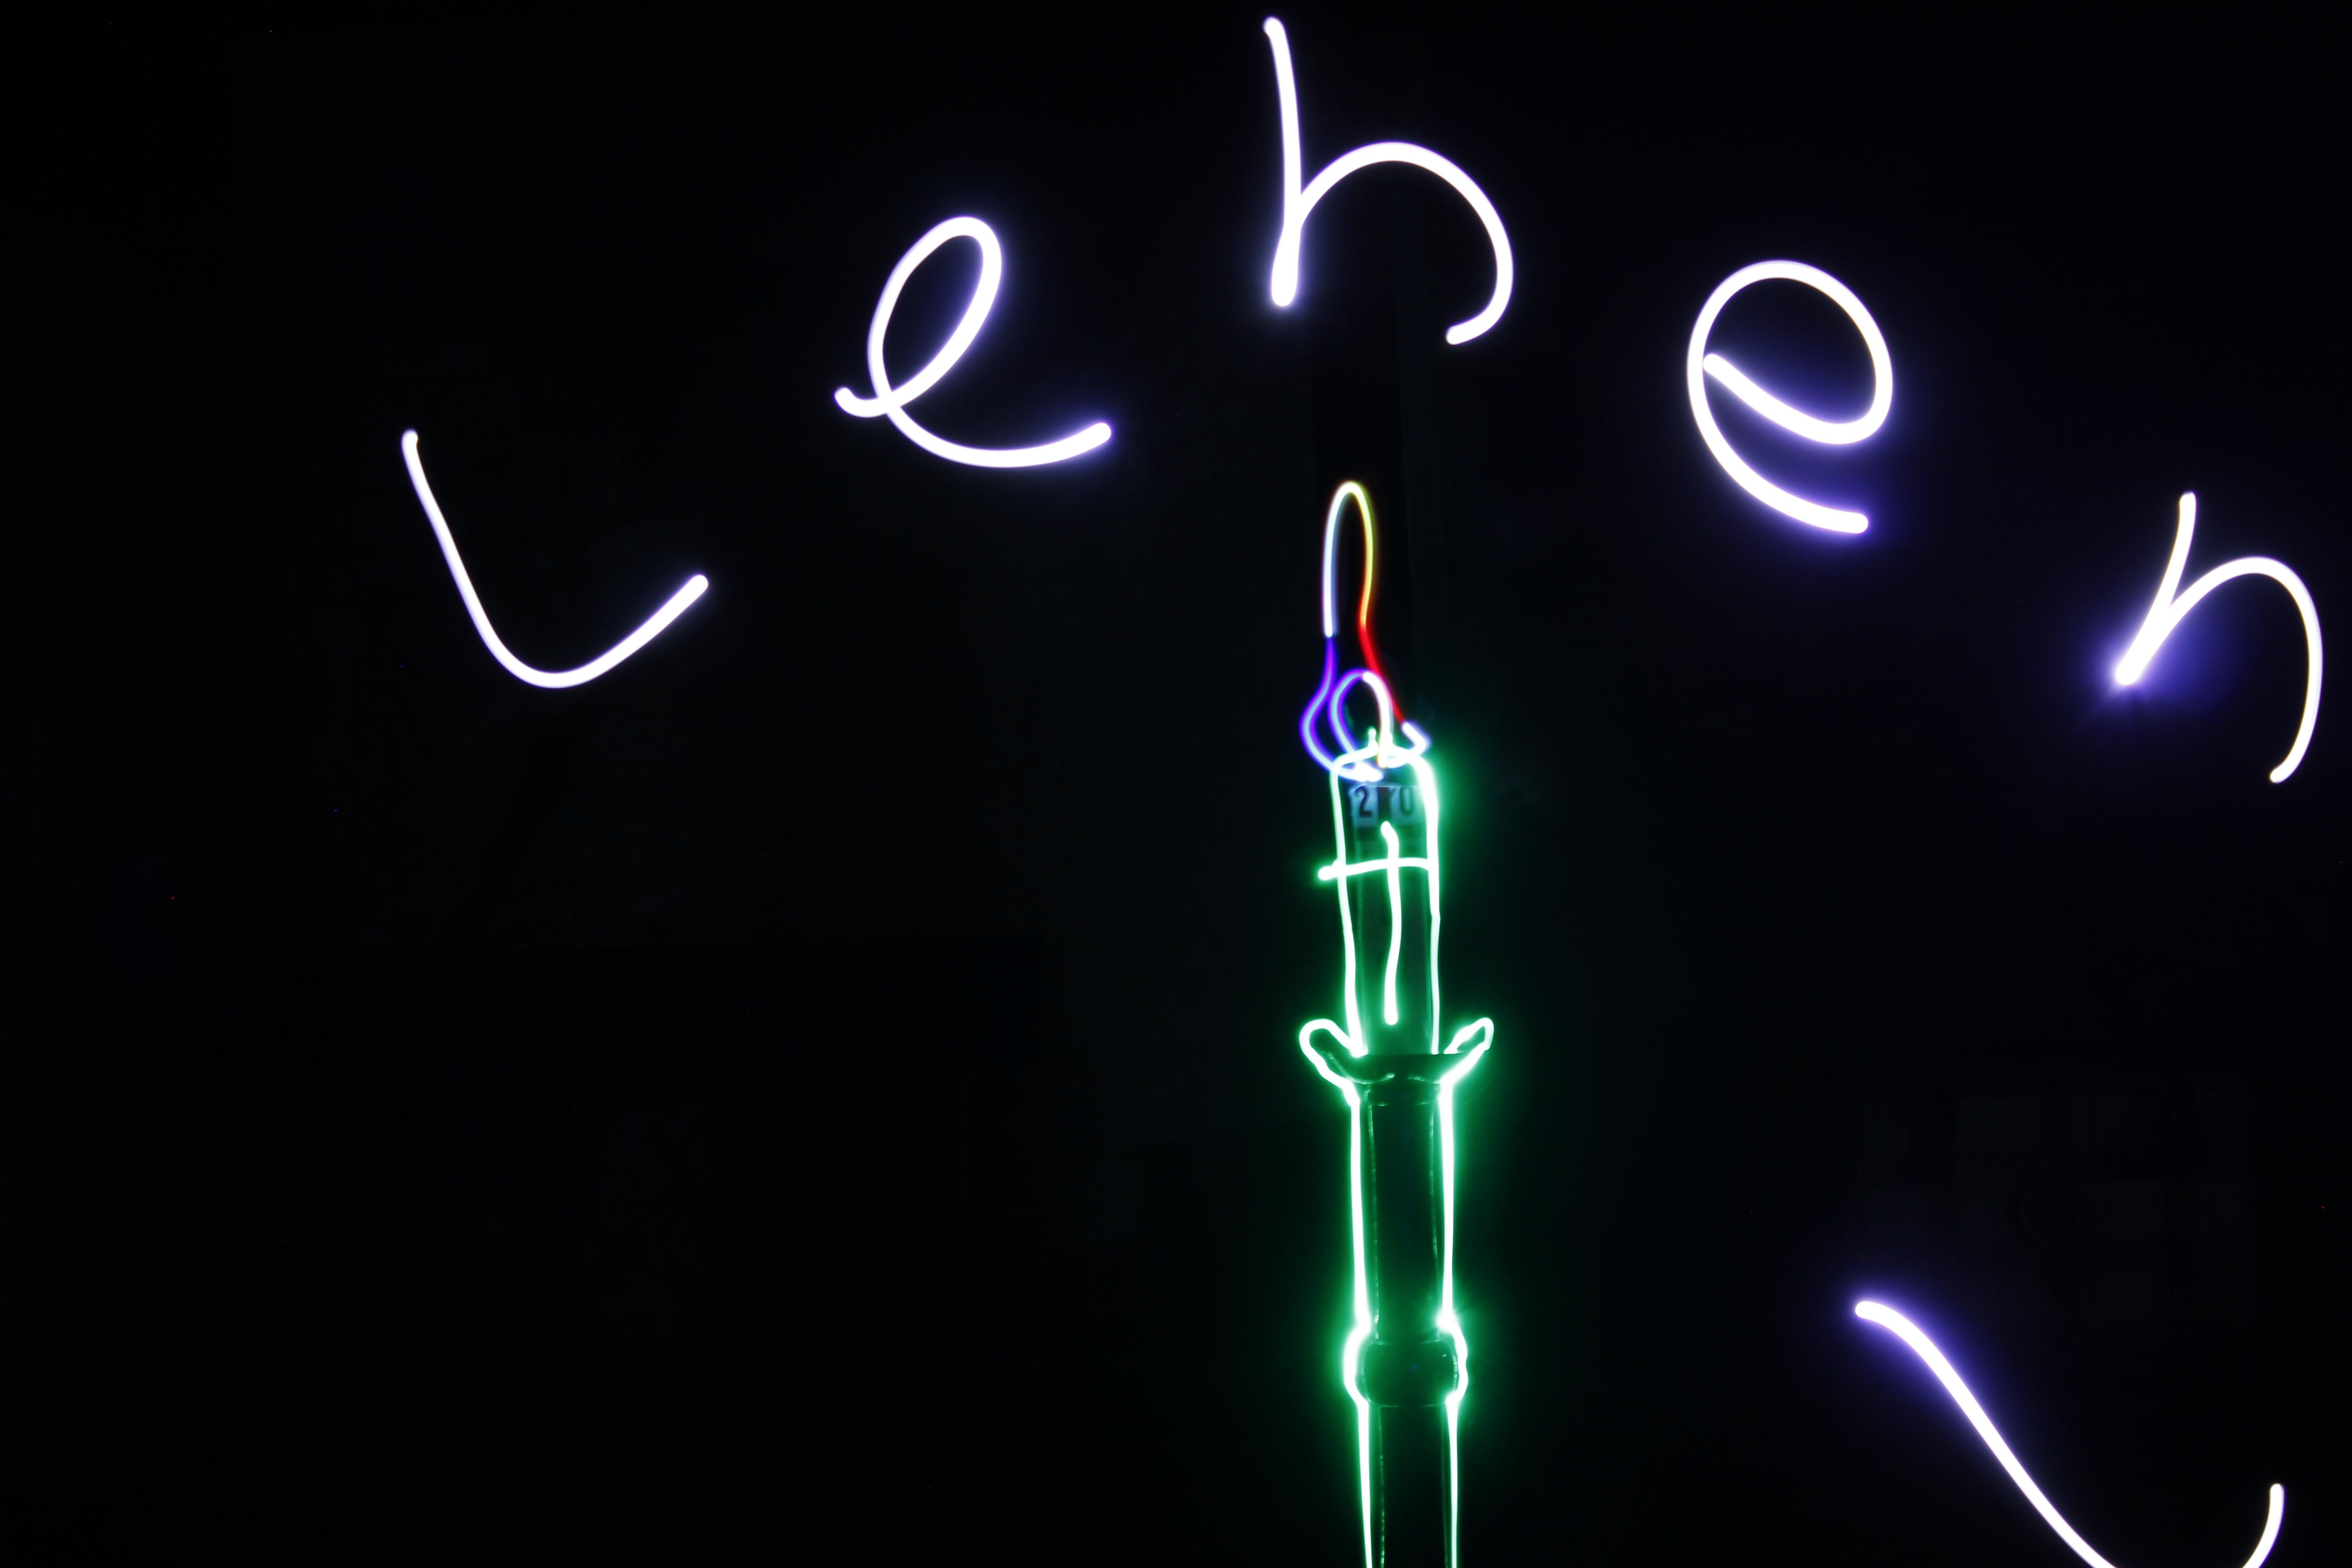 Licht ist Leben